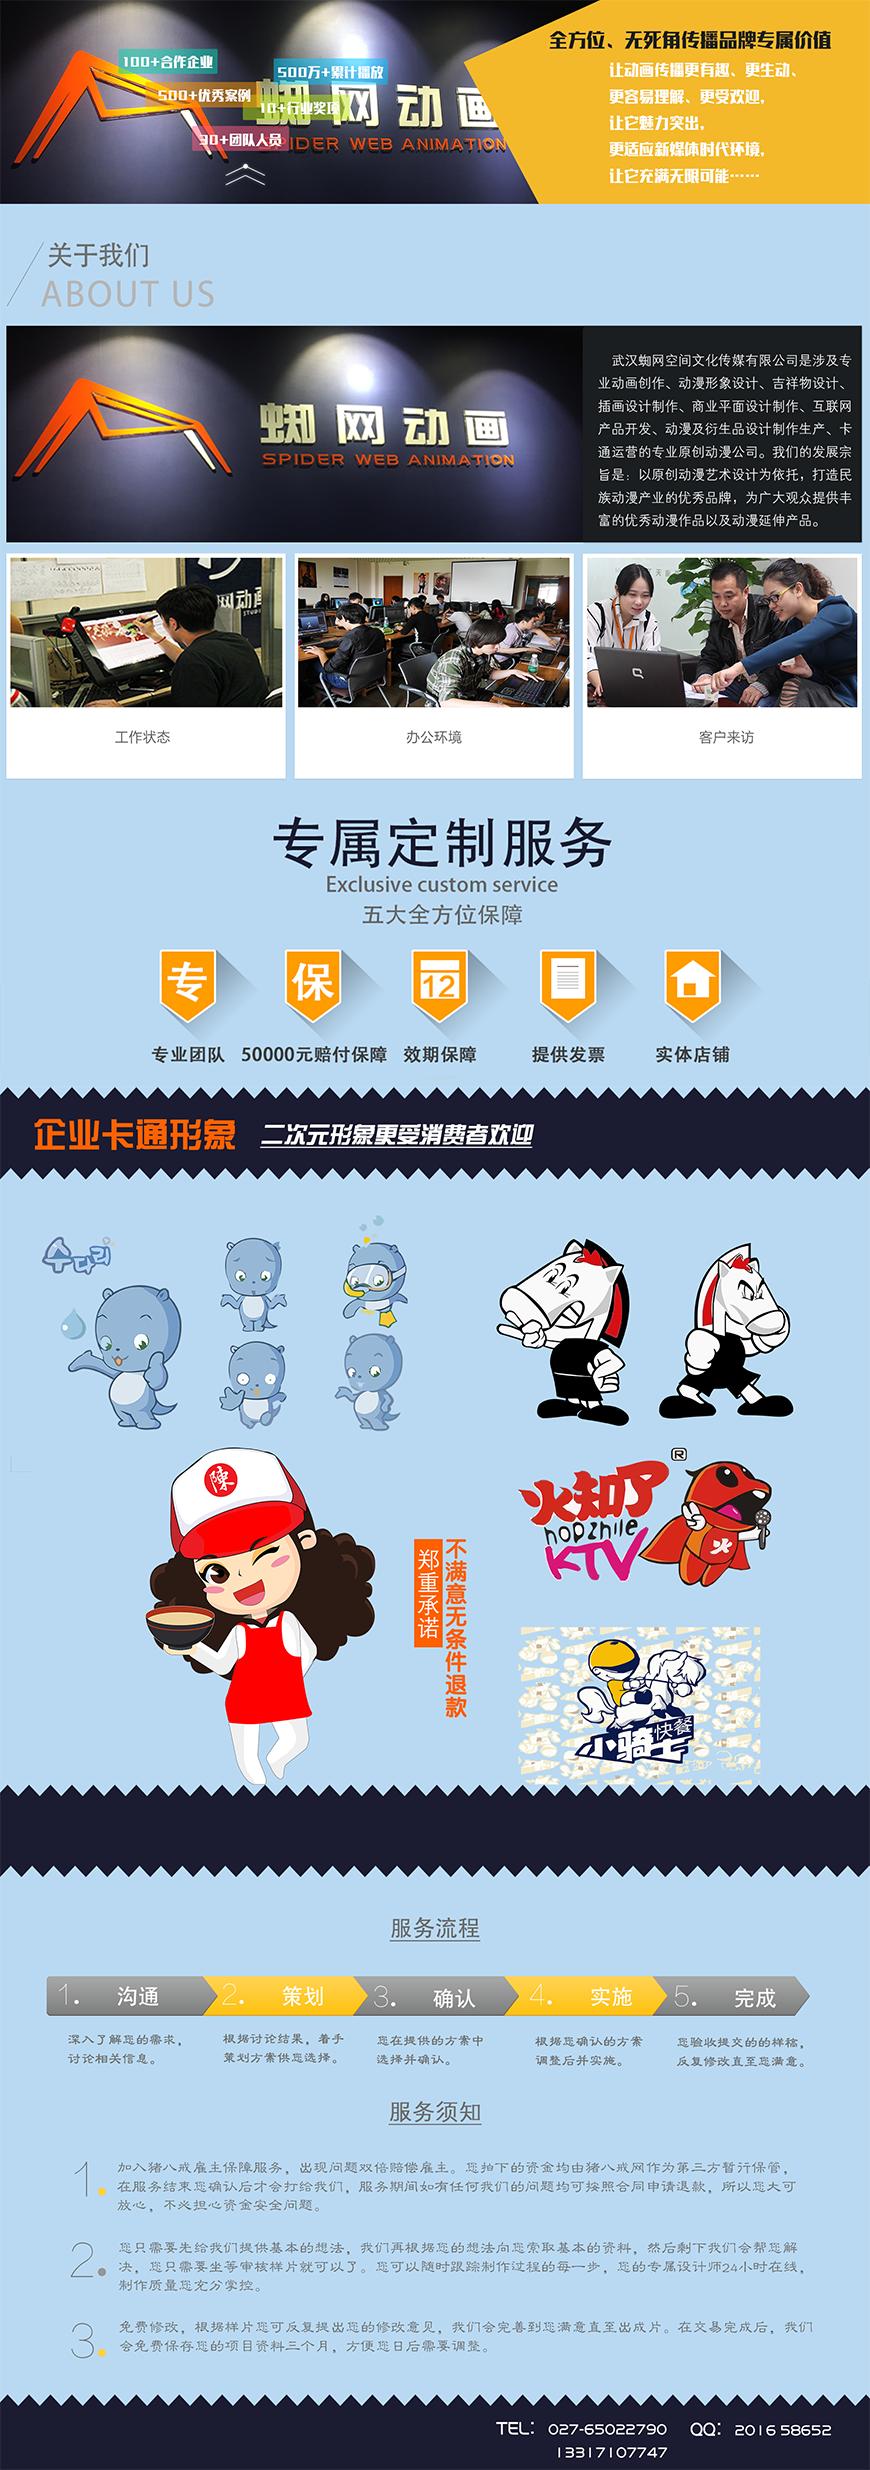 解放号pc服务详情-卡通.png